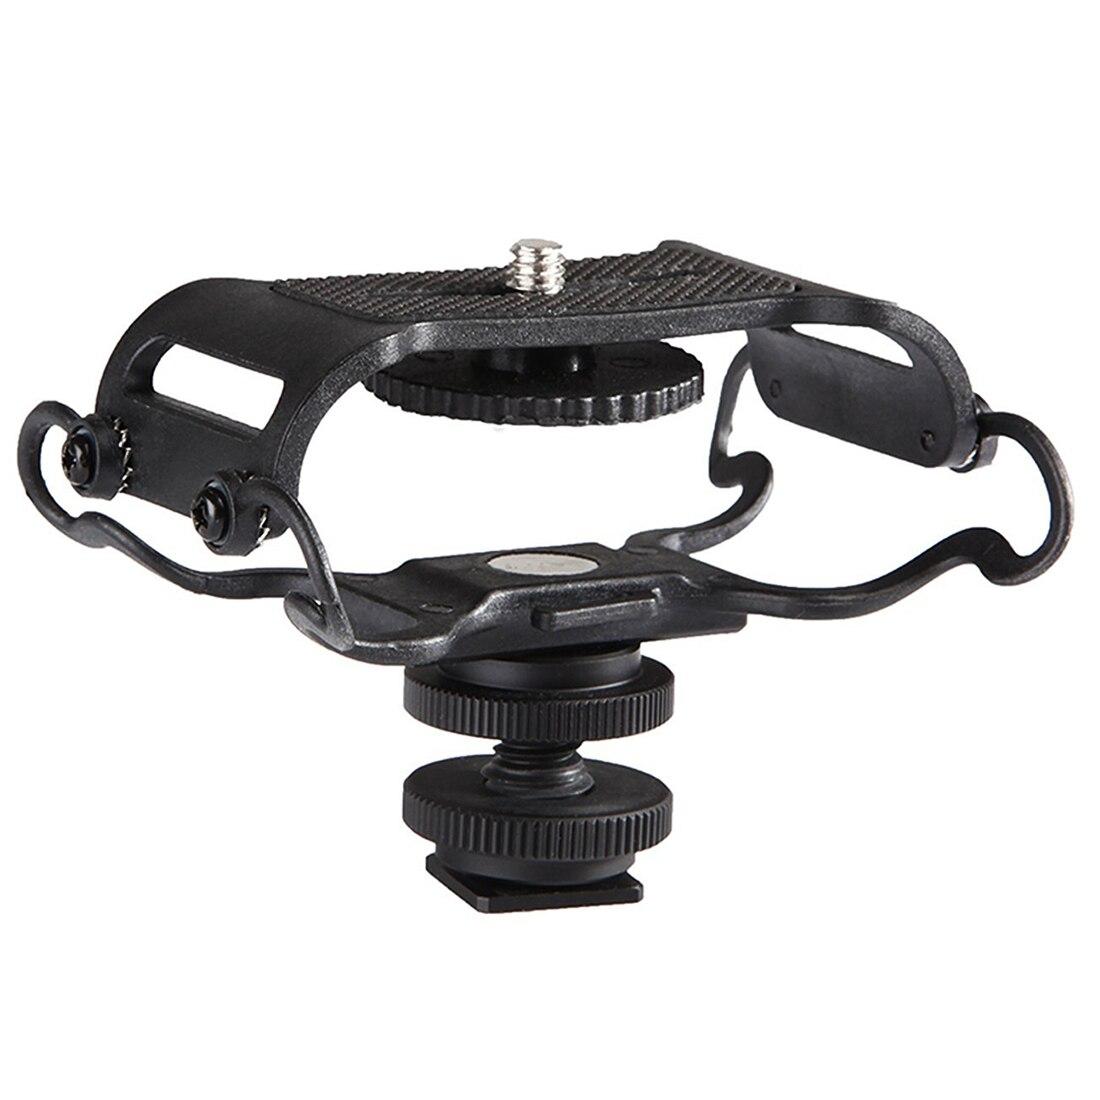 Vornehm Boya By-c10 Universal Mikrofon Und Tragbare Recorder Shock Mount-passt Die Zoom H4n Tascam Dr-40 H5 Dr-07 Mit Dr-05 H6